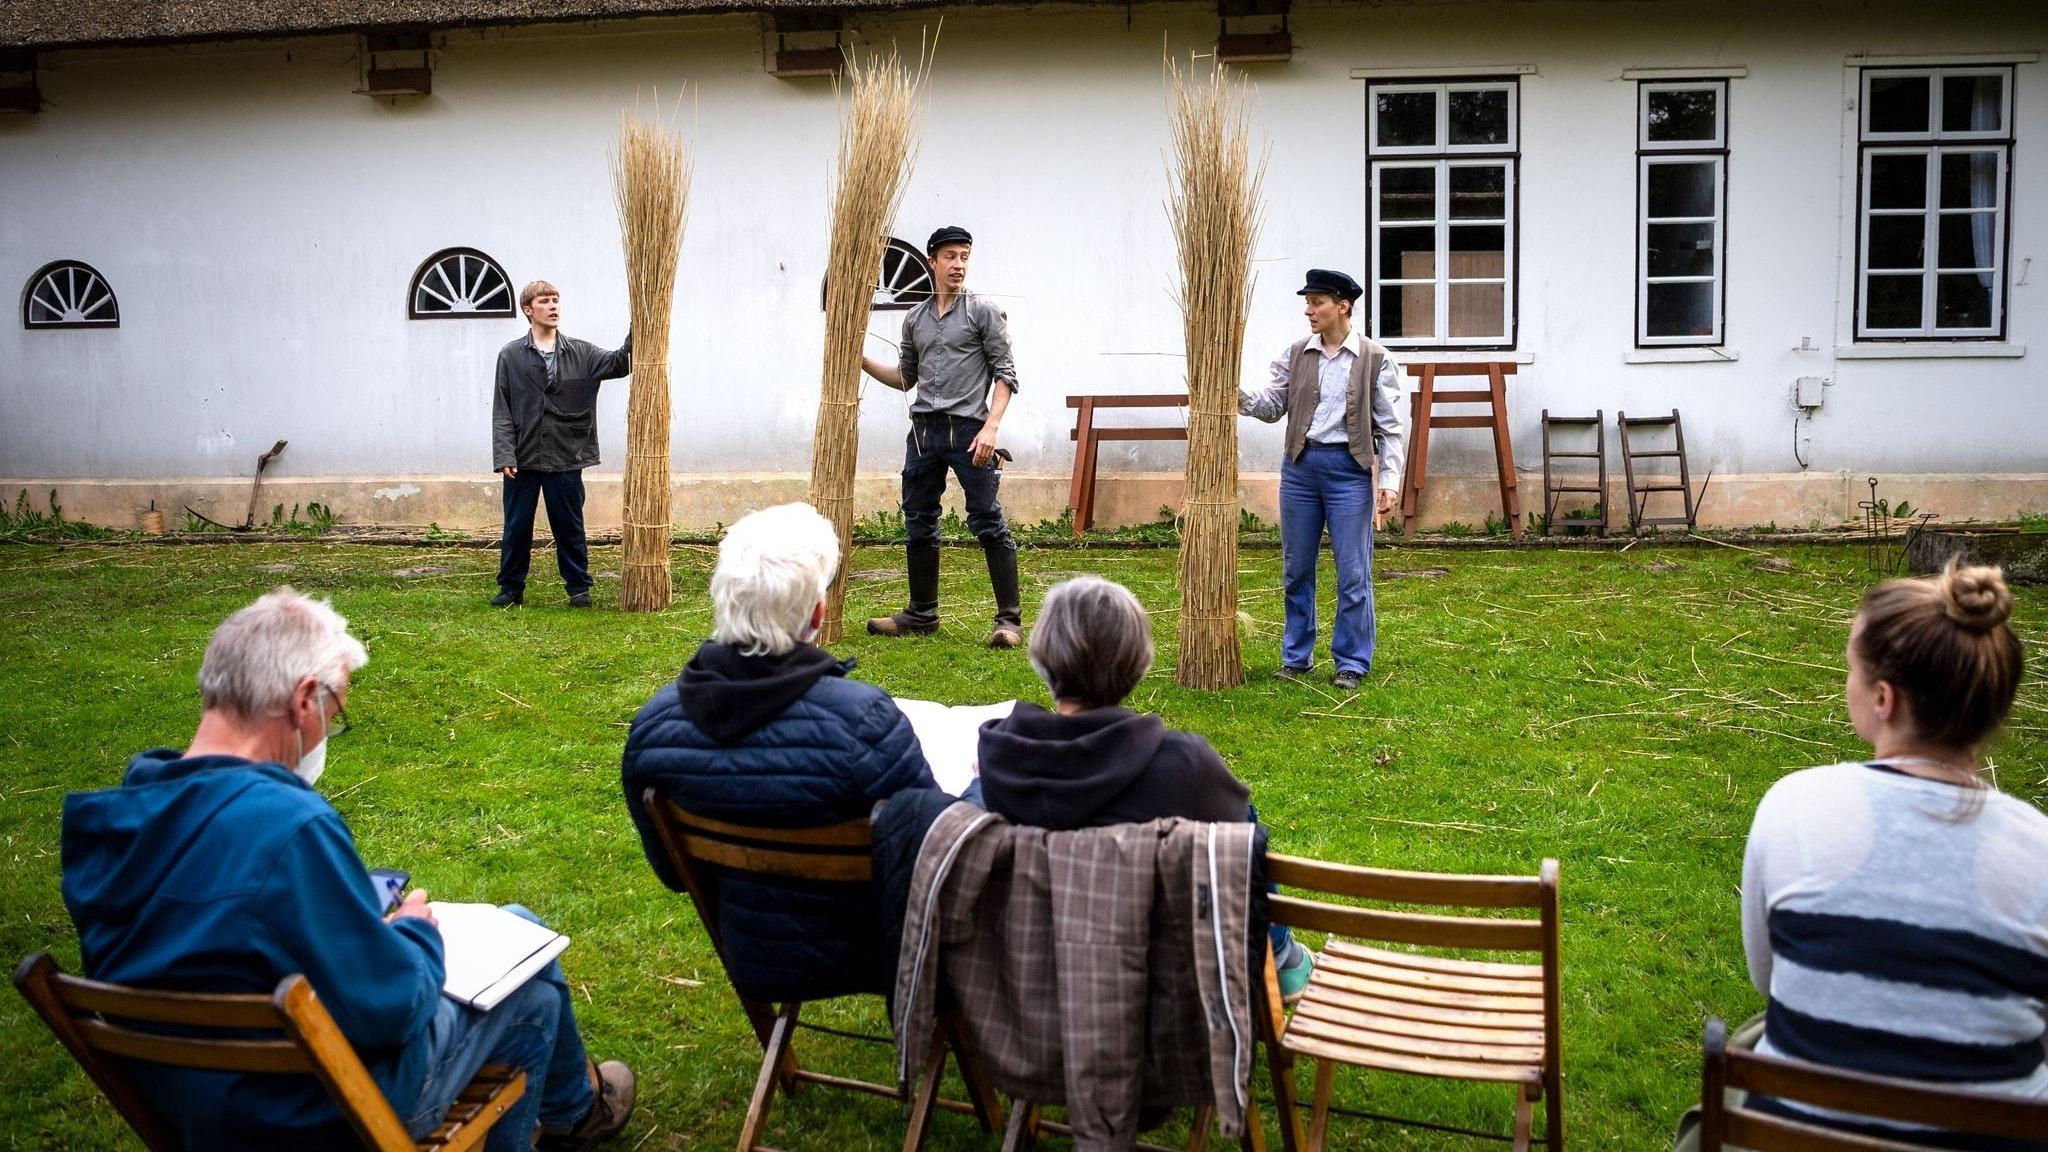 Die Theatergruppe «Das Letzte Kleinod» probt im Museumsgarten des Allmers-Hauses in Rechtenfleth.&nbsp; Foto: Sina Schuldt / dpa<br>